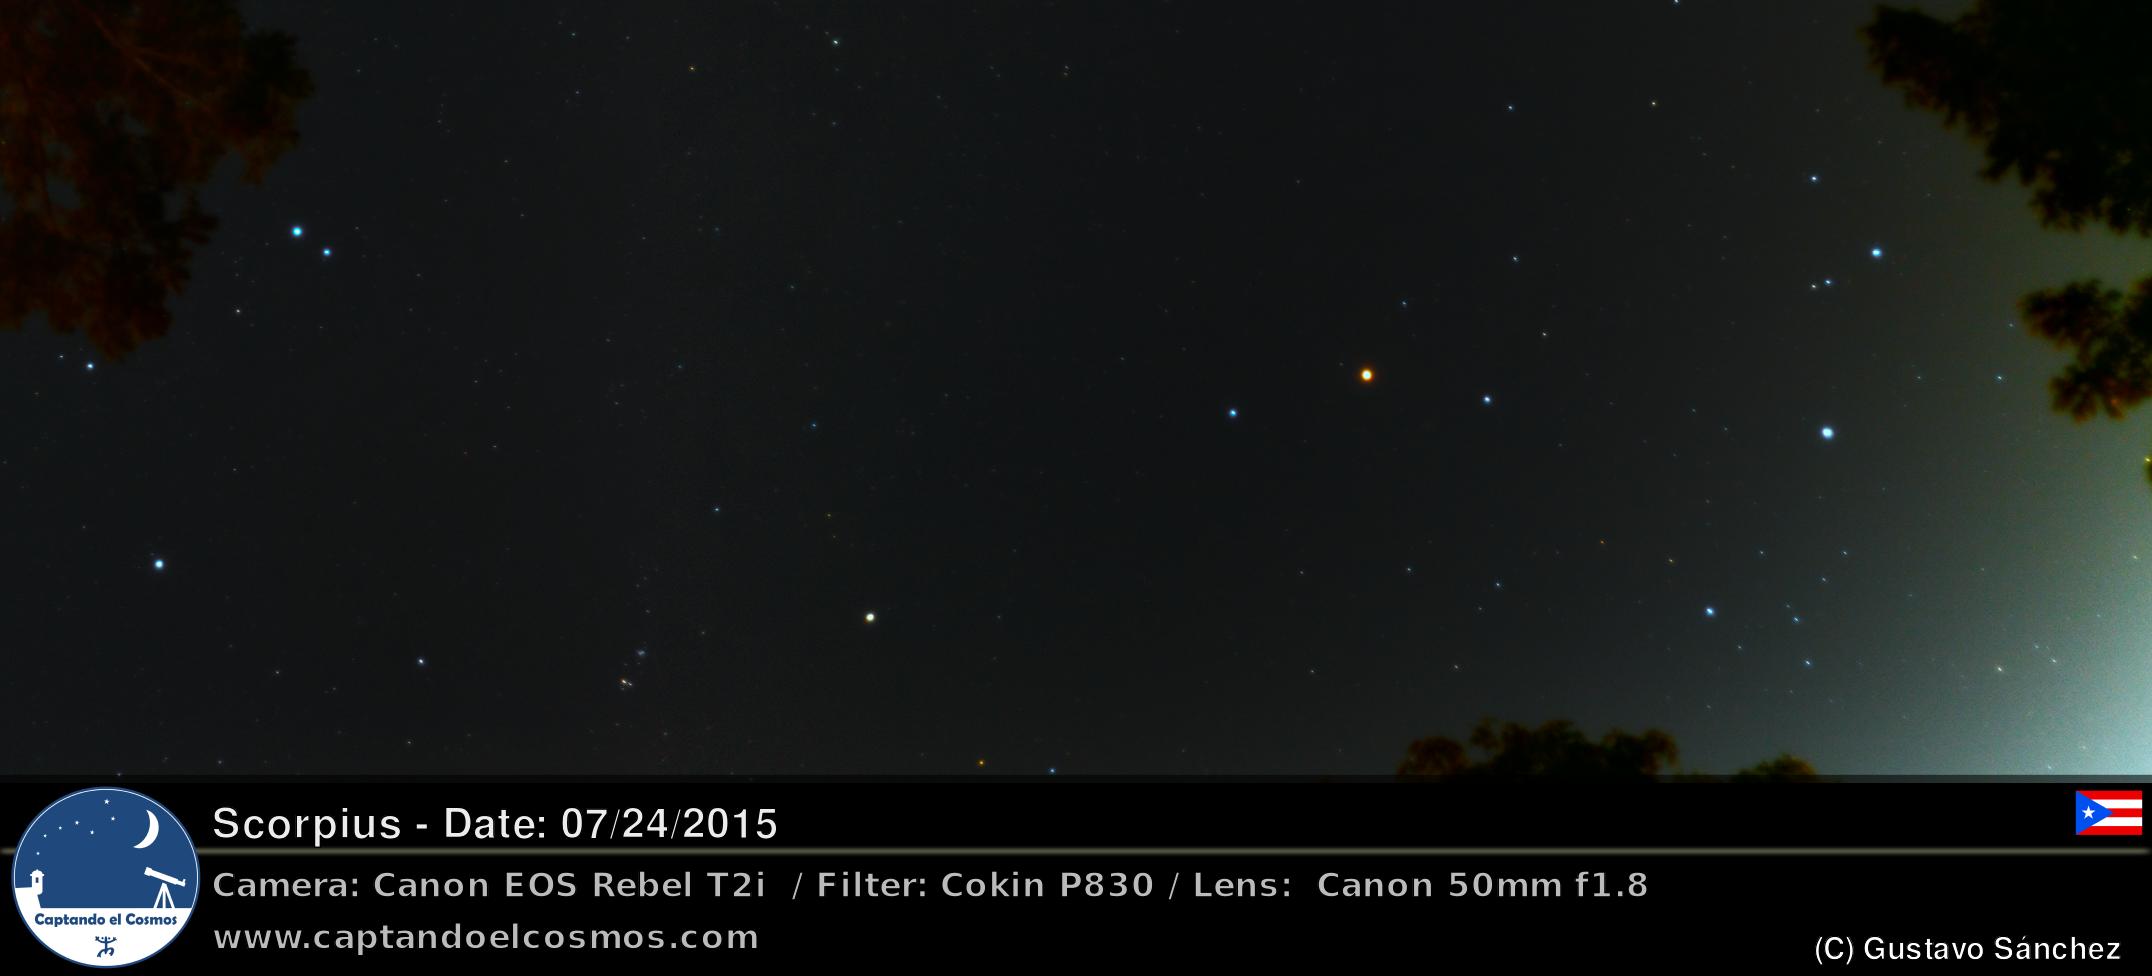 Constelación del Escorpión. Crédito: Gustavo Sánchez / Captando el Cosmos